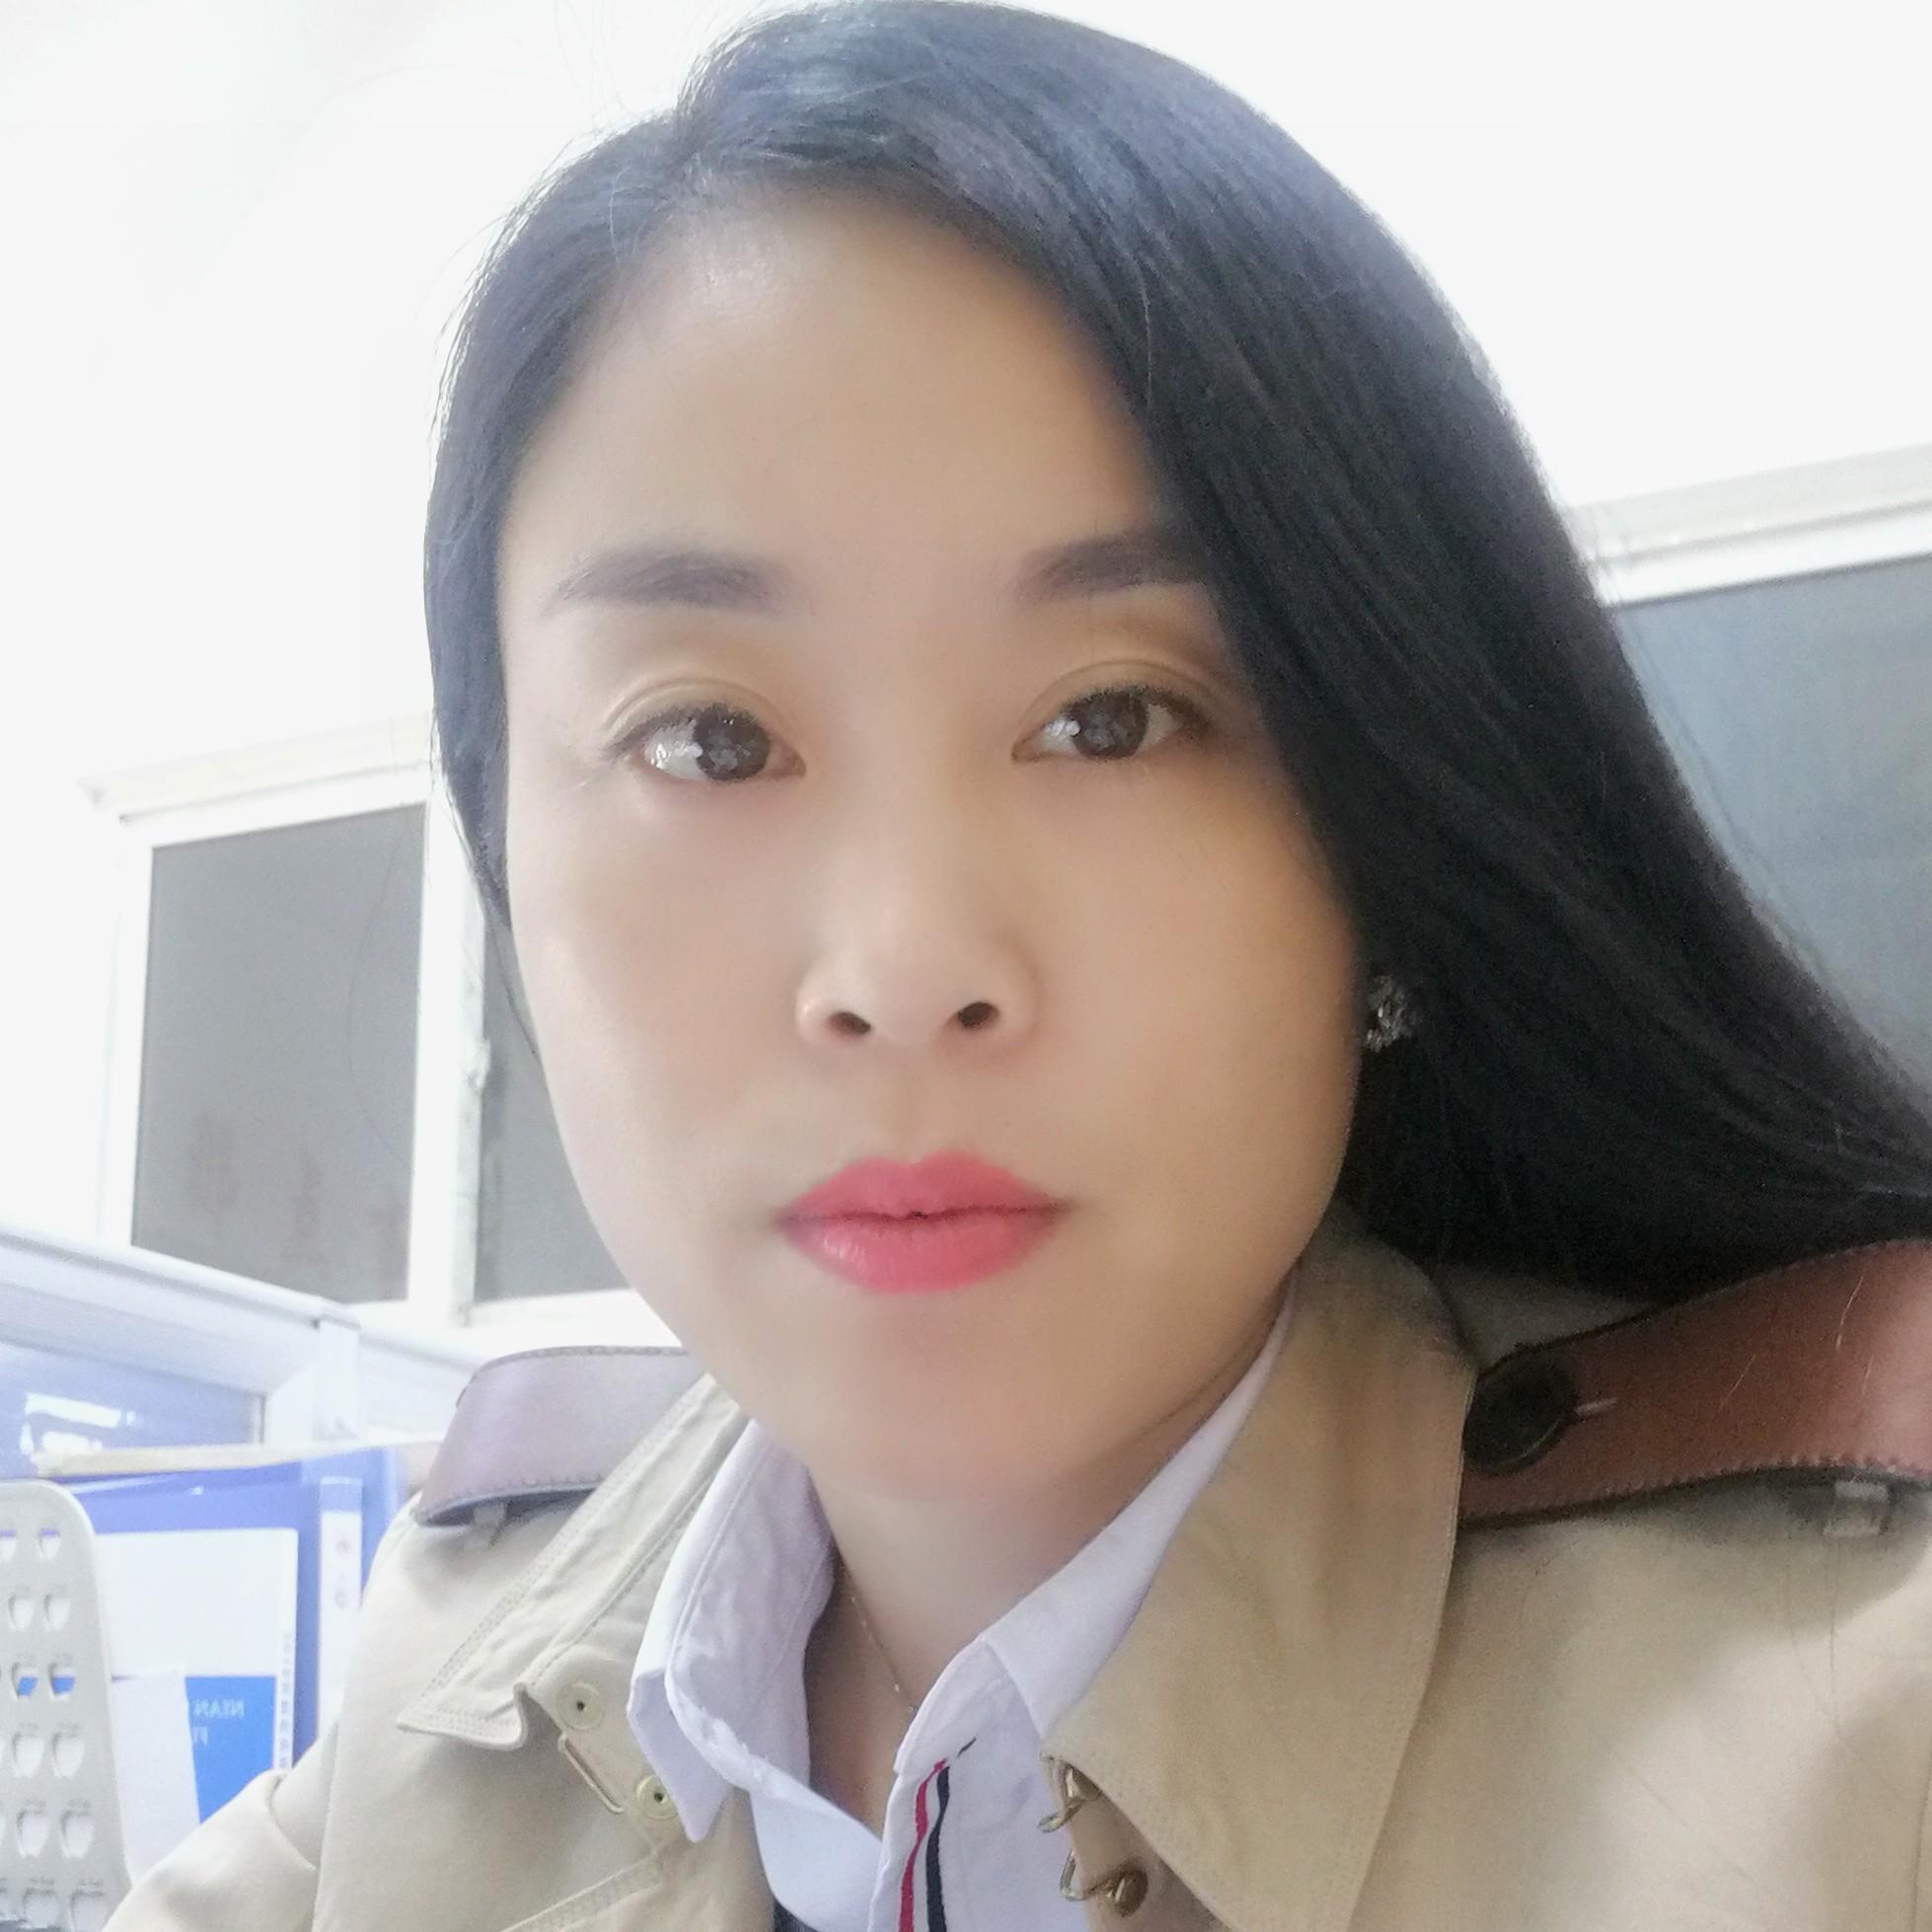 渔公码头集团总监孙秀丽照片